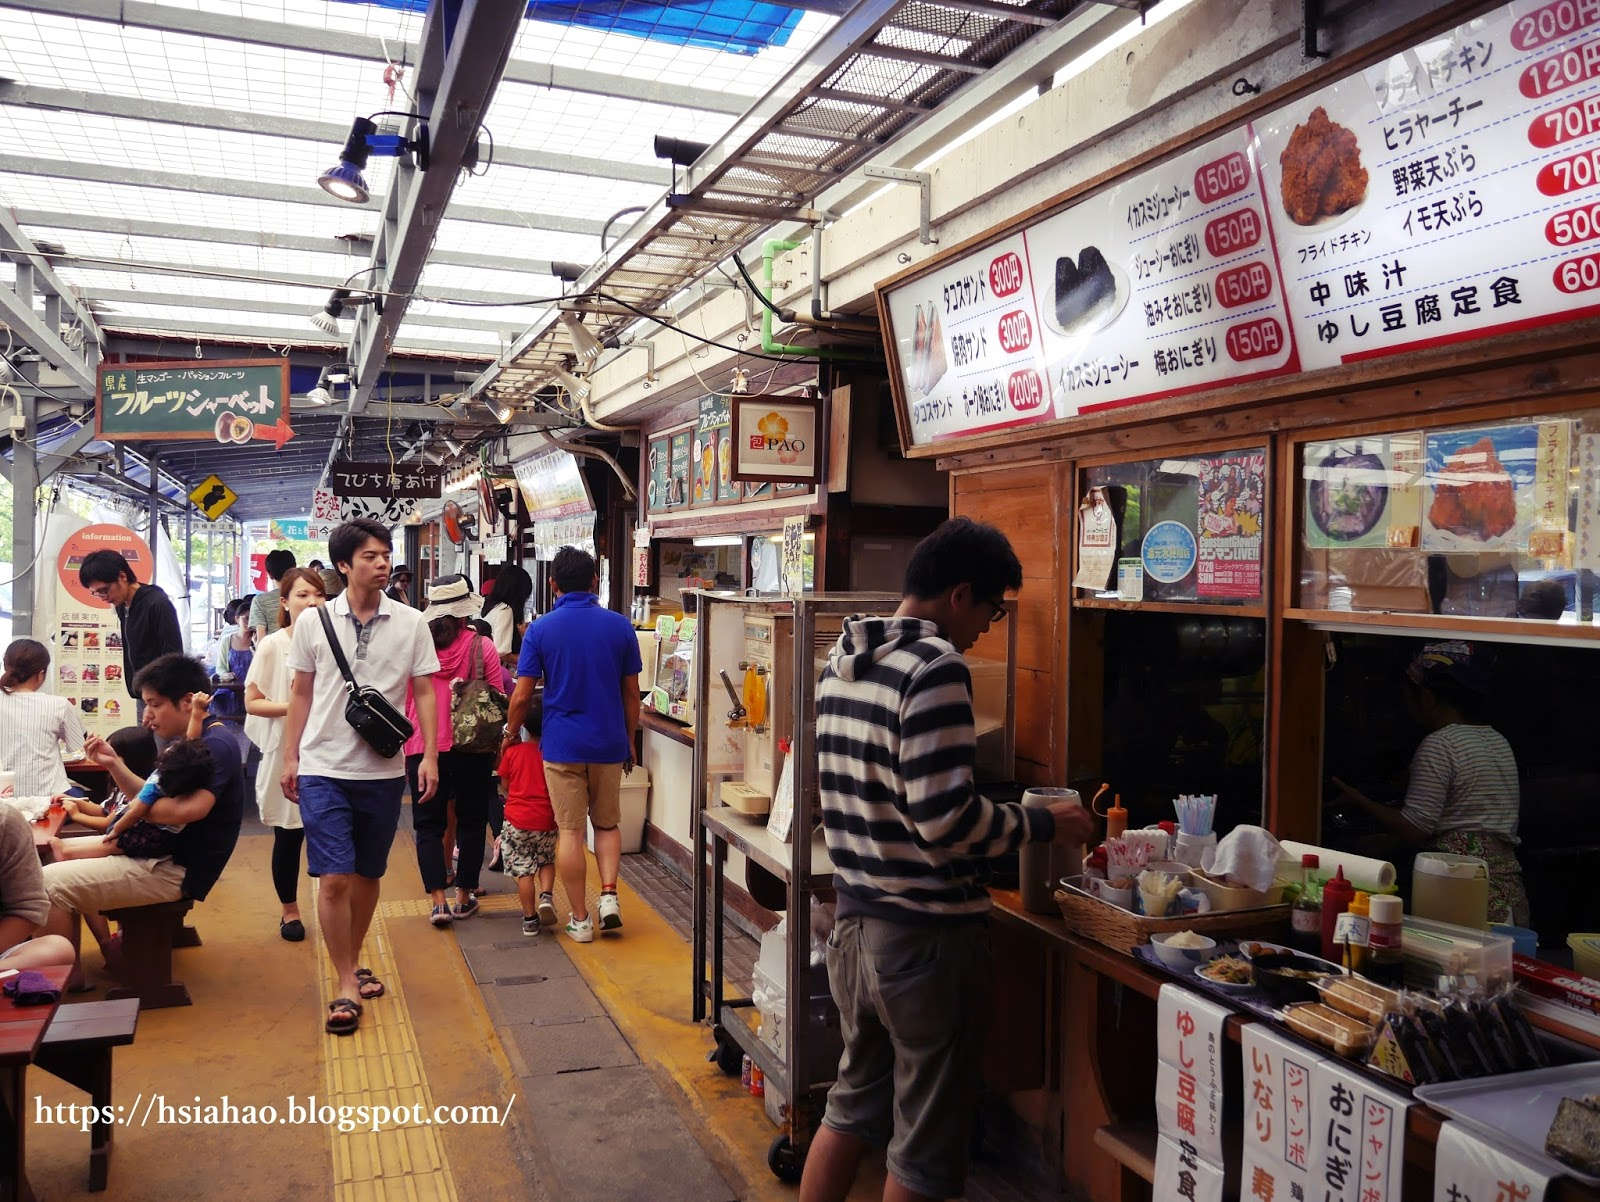 沖繩-推薦-景點-恩納車站-自由行-旅遊-Okinawa-Yomitan